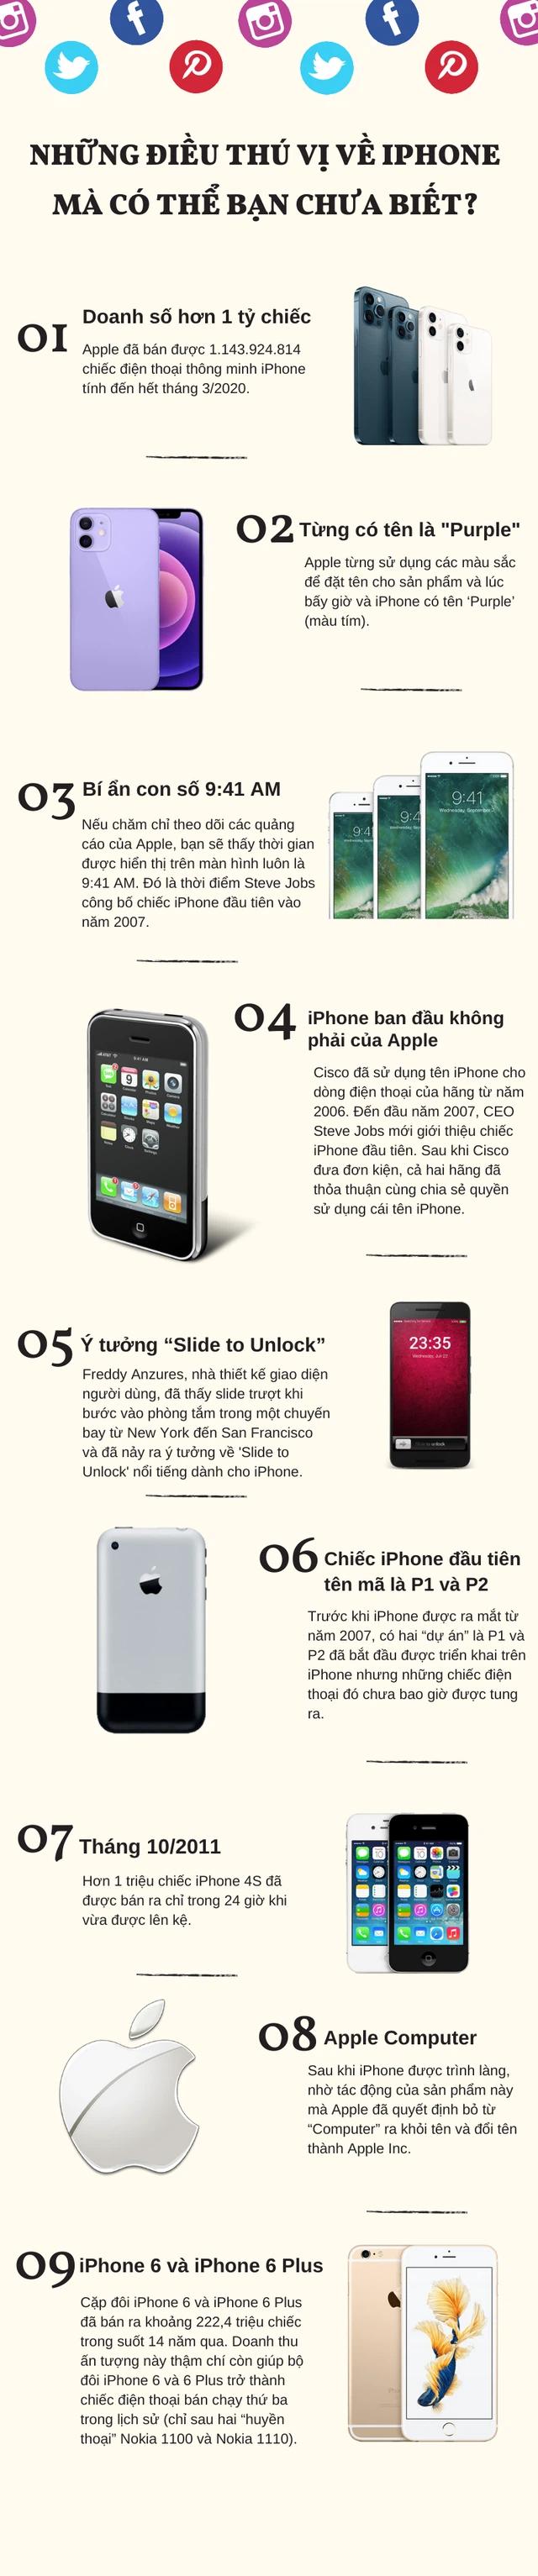 Những điều thú vị về iPhone mà có thể bạn chưa biết? - Ảnh 1.